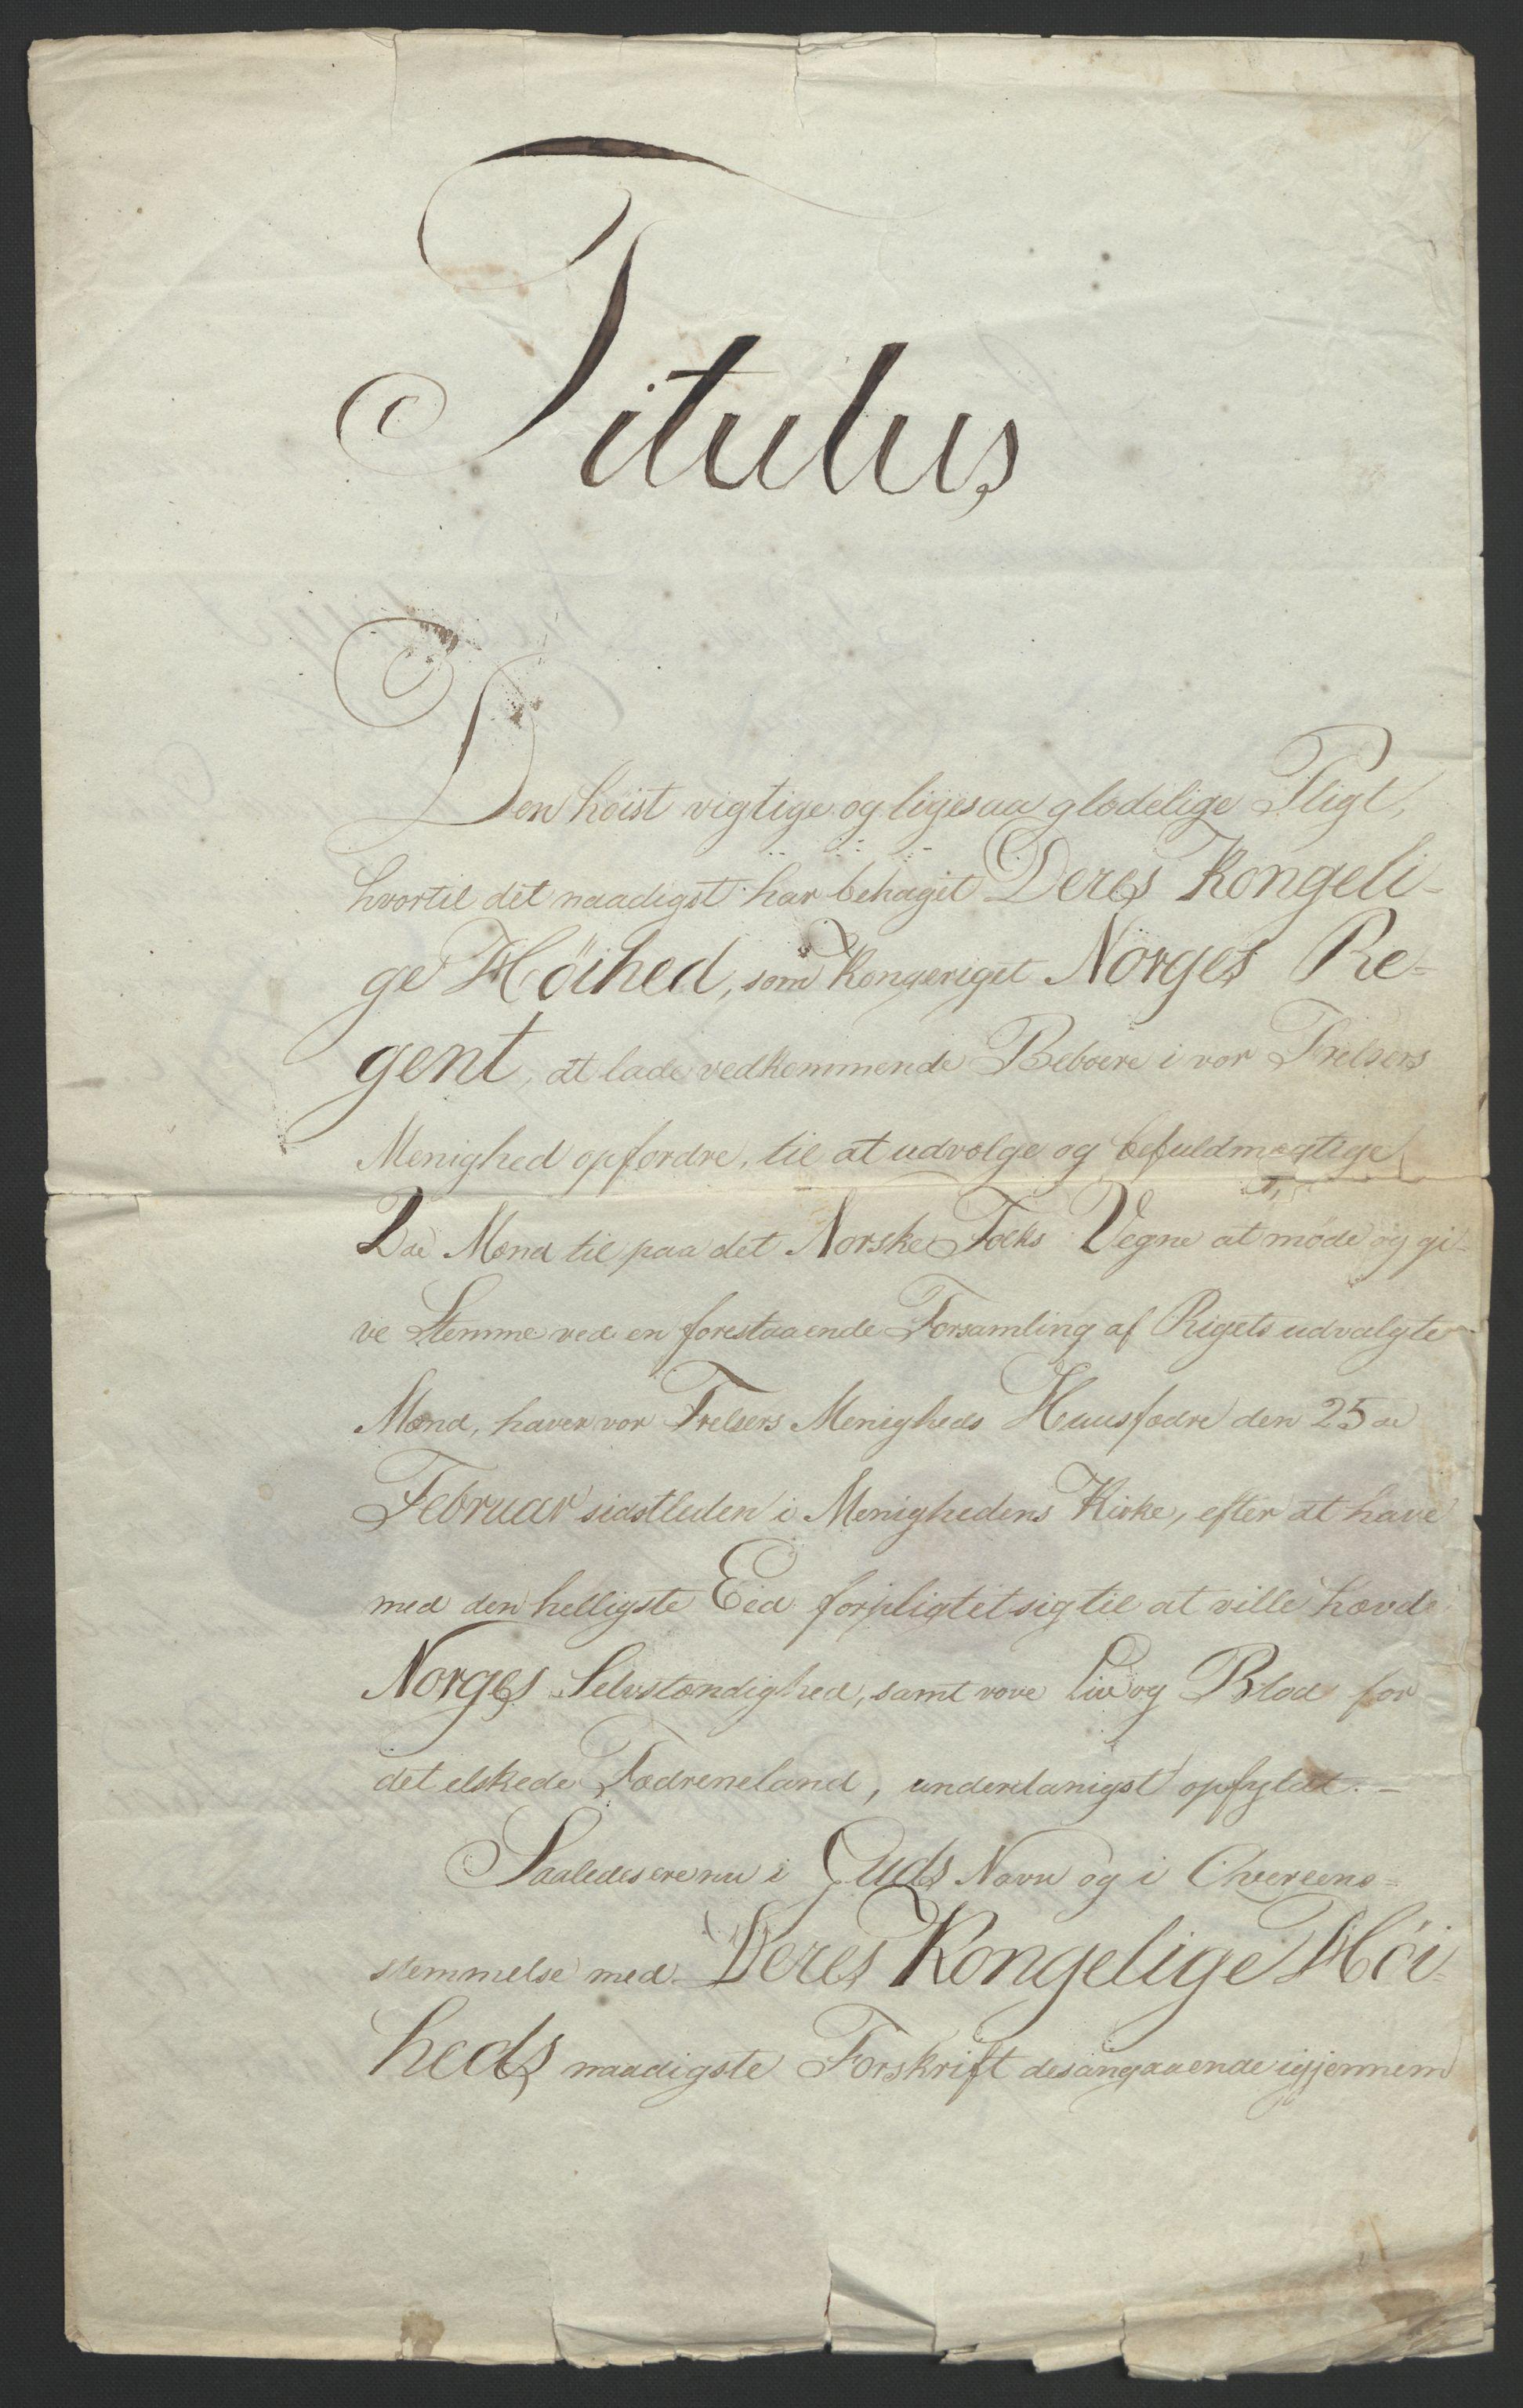 RA, Statsrådssekretariatet, D/Db/L0007: Fullmakter for Eidsvollsrepresentantene i 1814. , 1814, s. 28